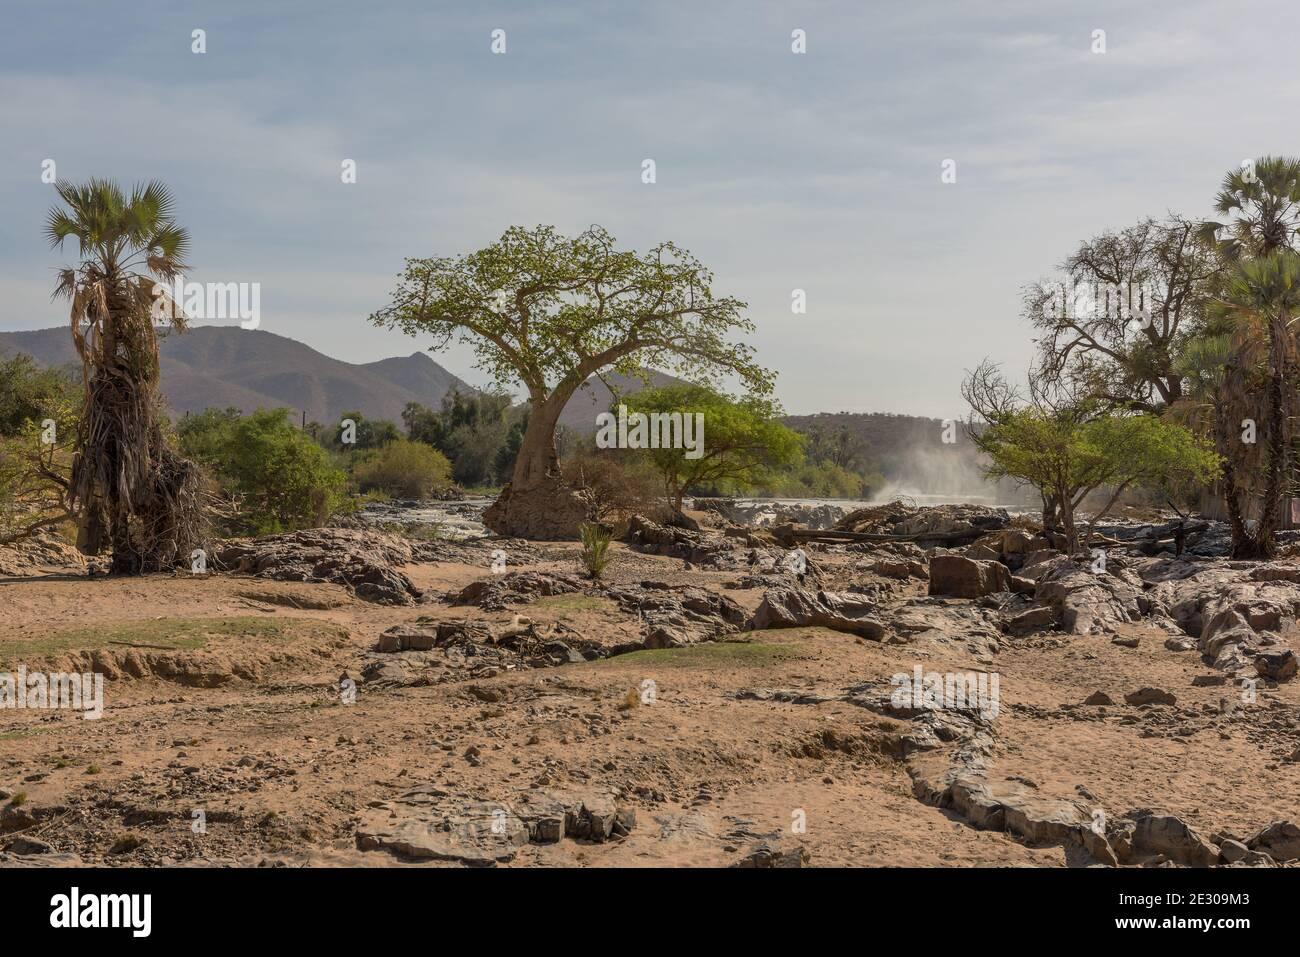 Paysage sur les rives du fleuve Kunene, la frontière entre la Namibie et l'Angola Banque D'Images